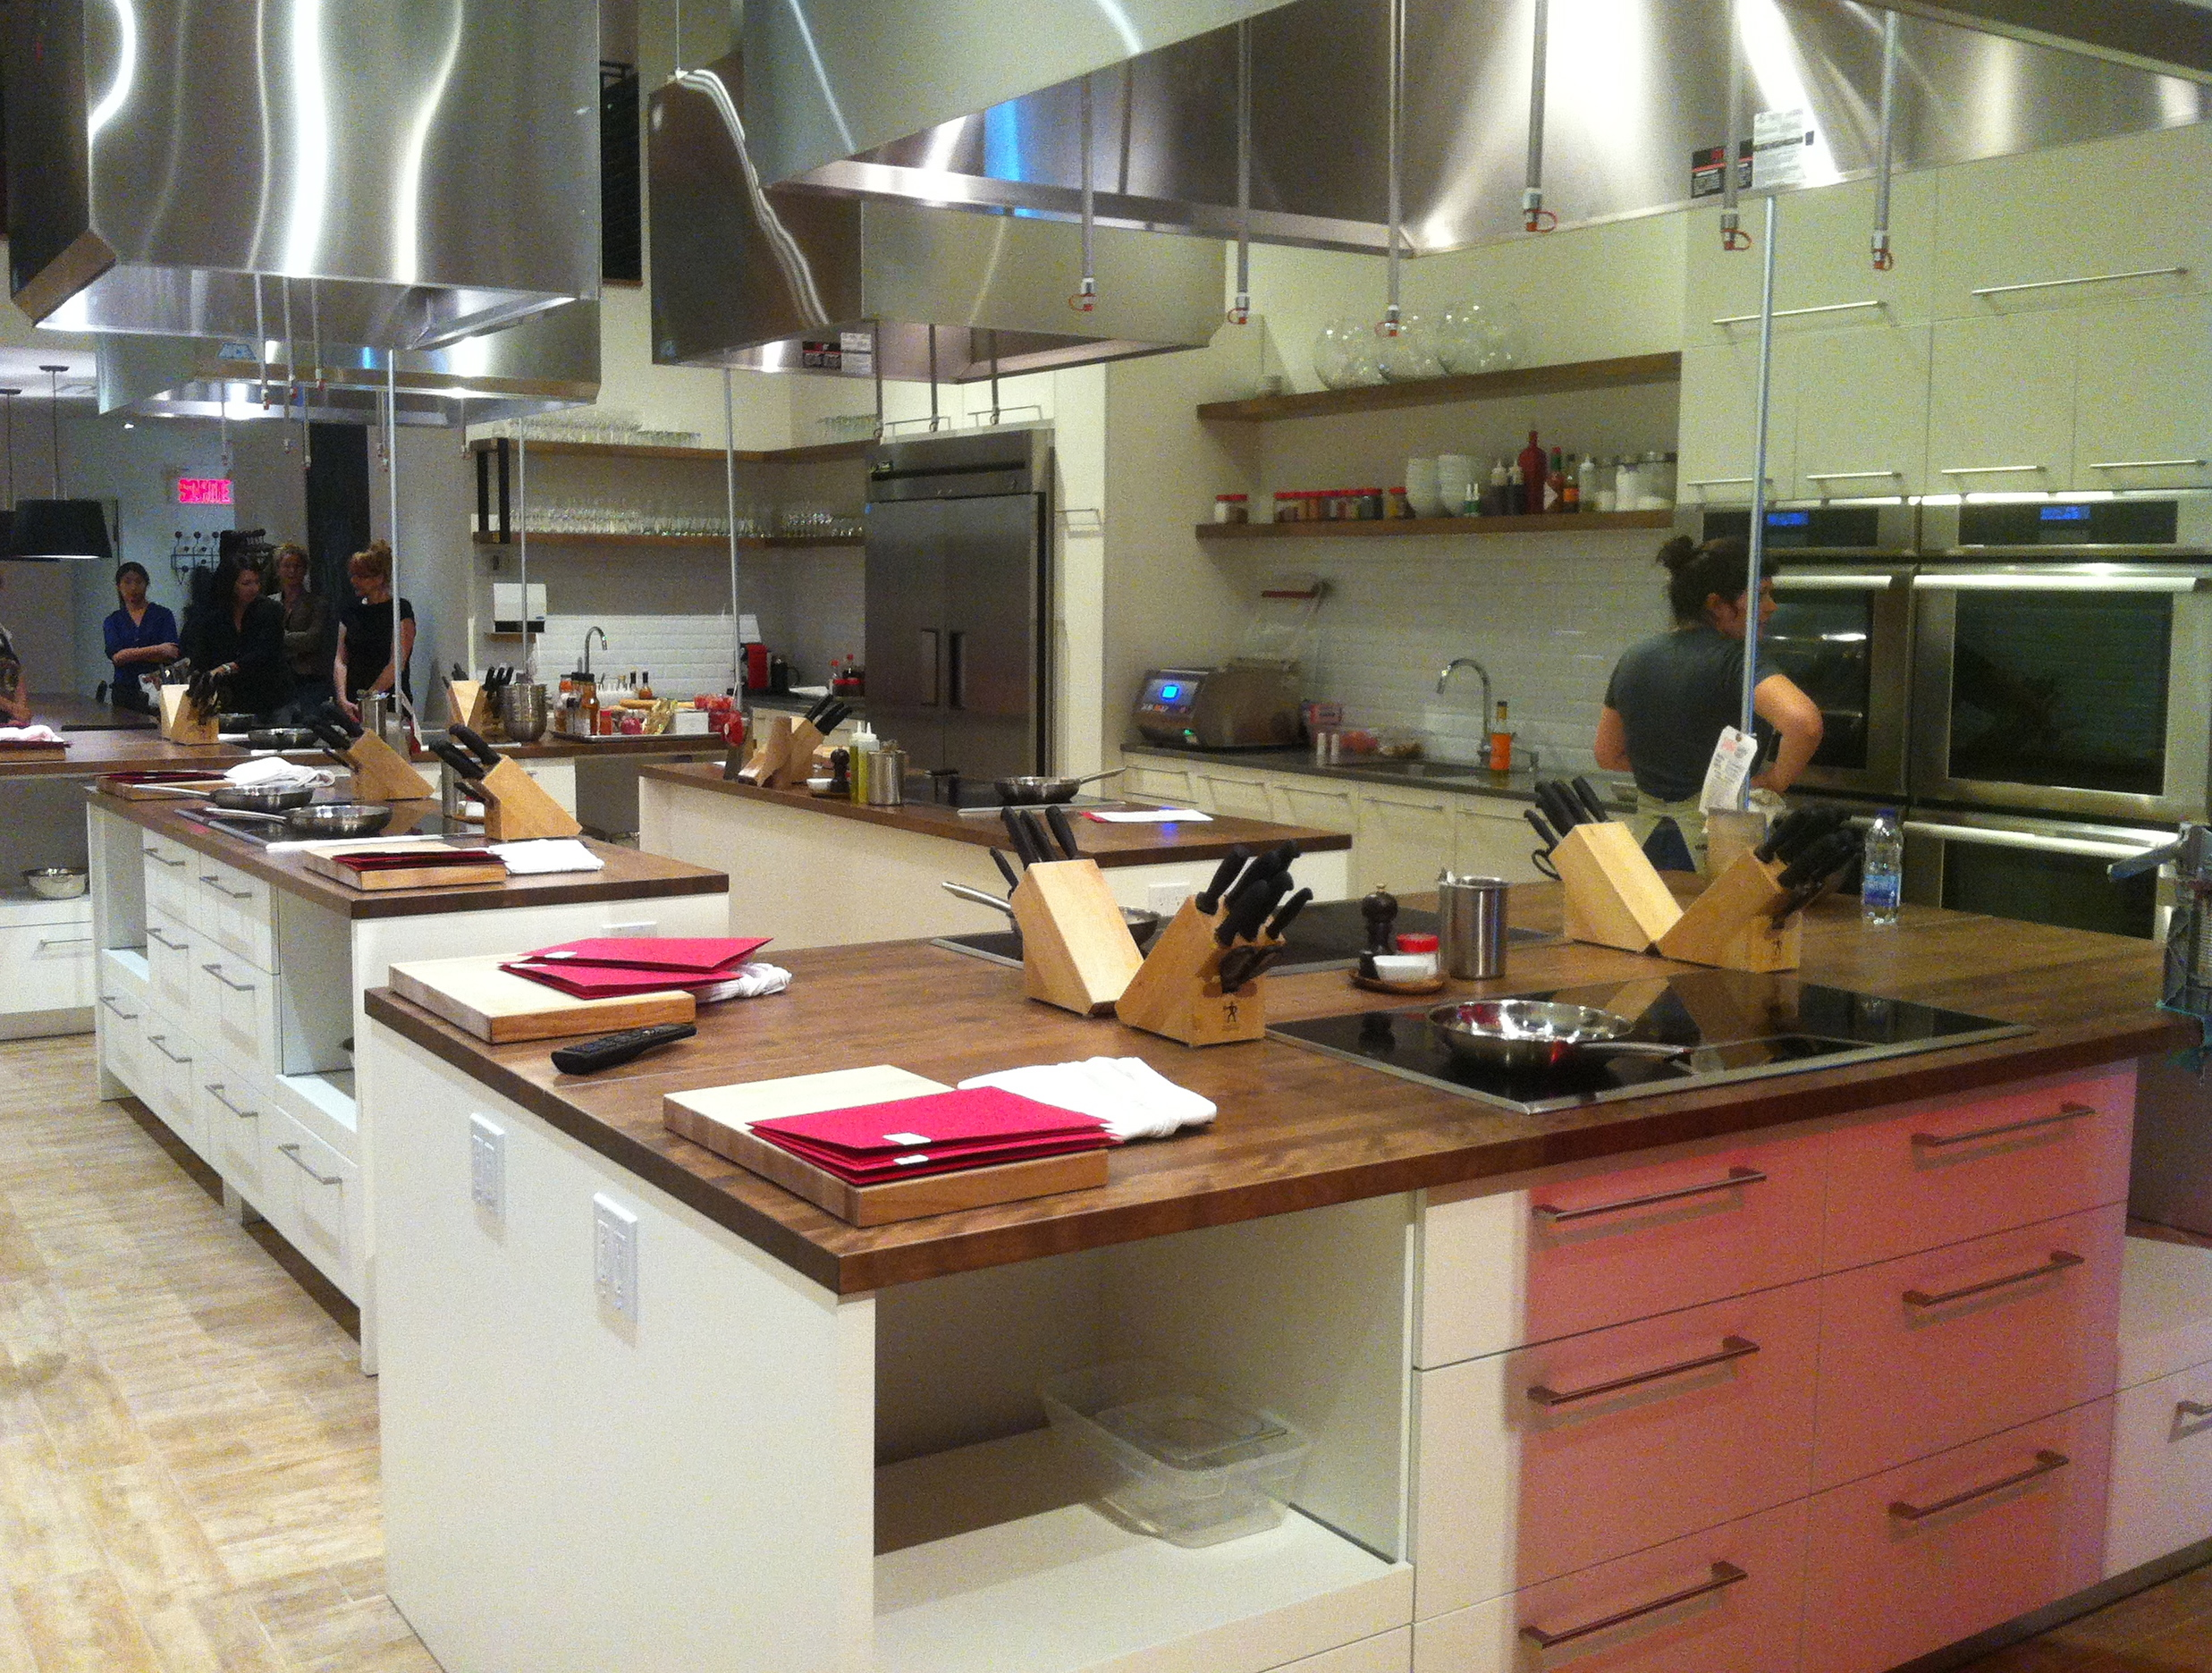 atelier culinaire au dix30 dcouverteculinaire et petits